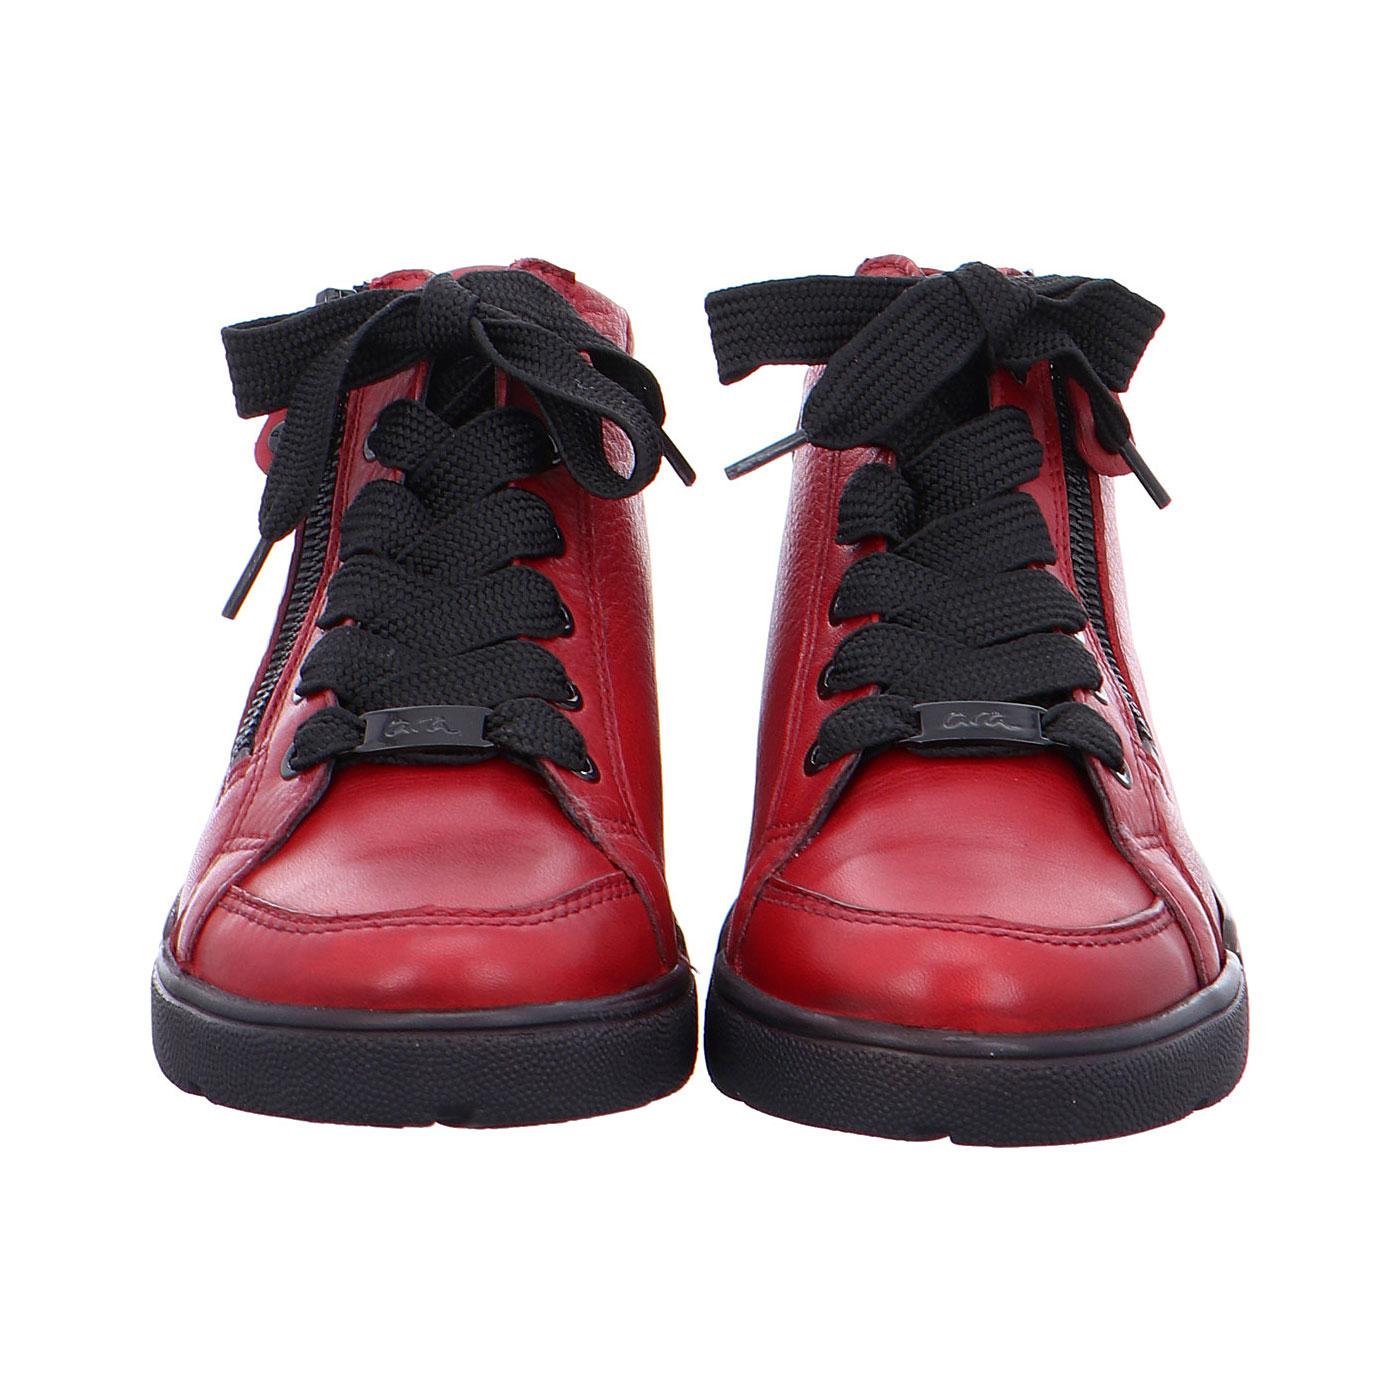 Дамски високи спортни обувки с връзки ara 12-14435-05 бордо